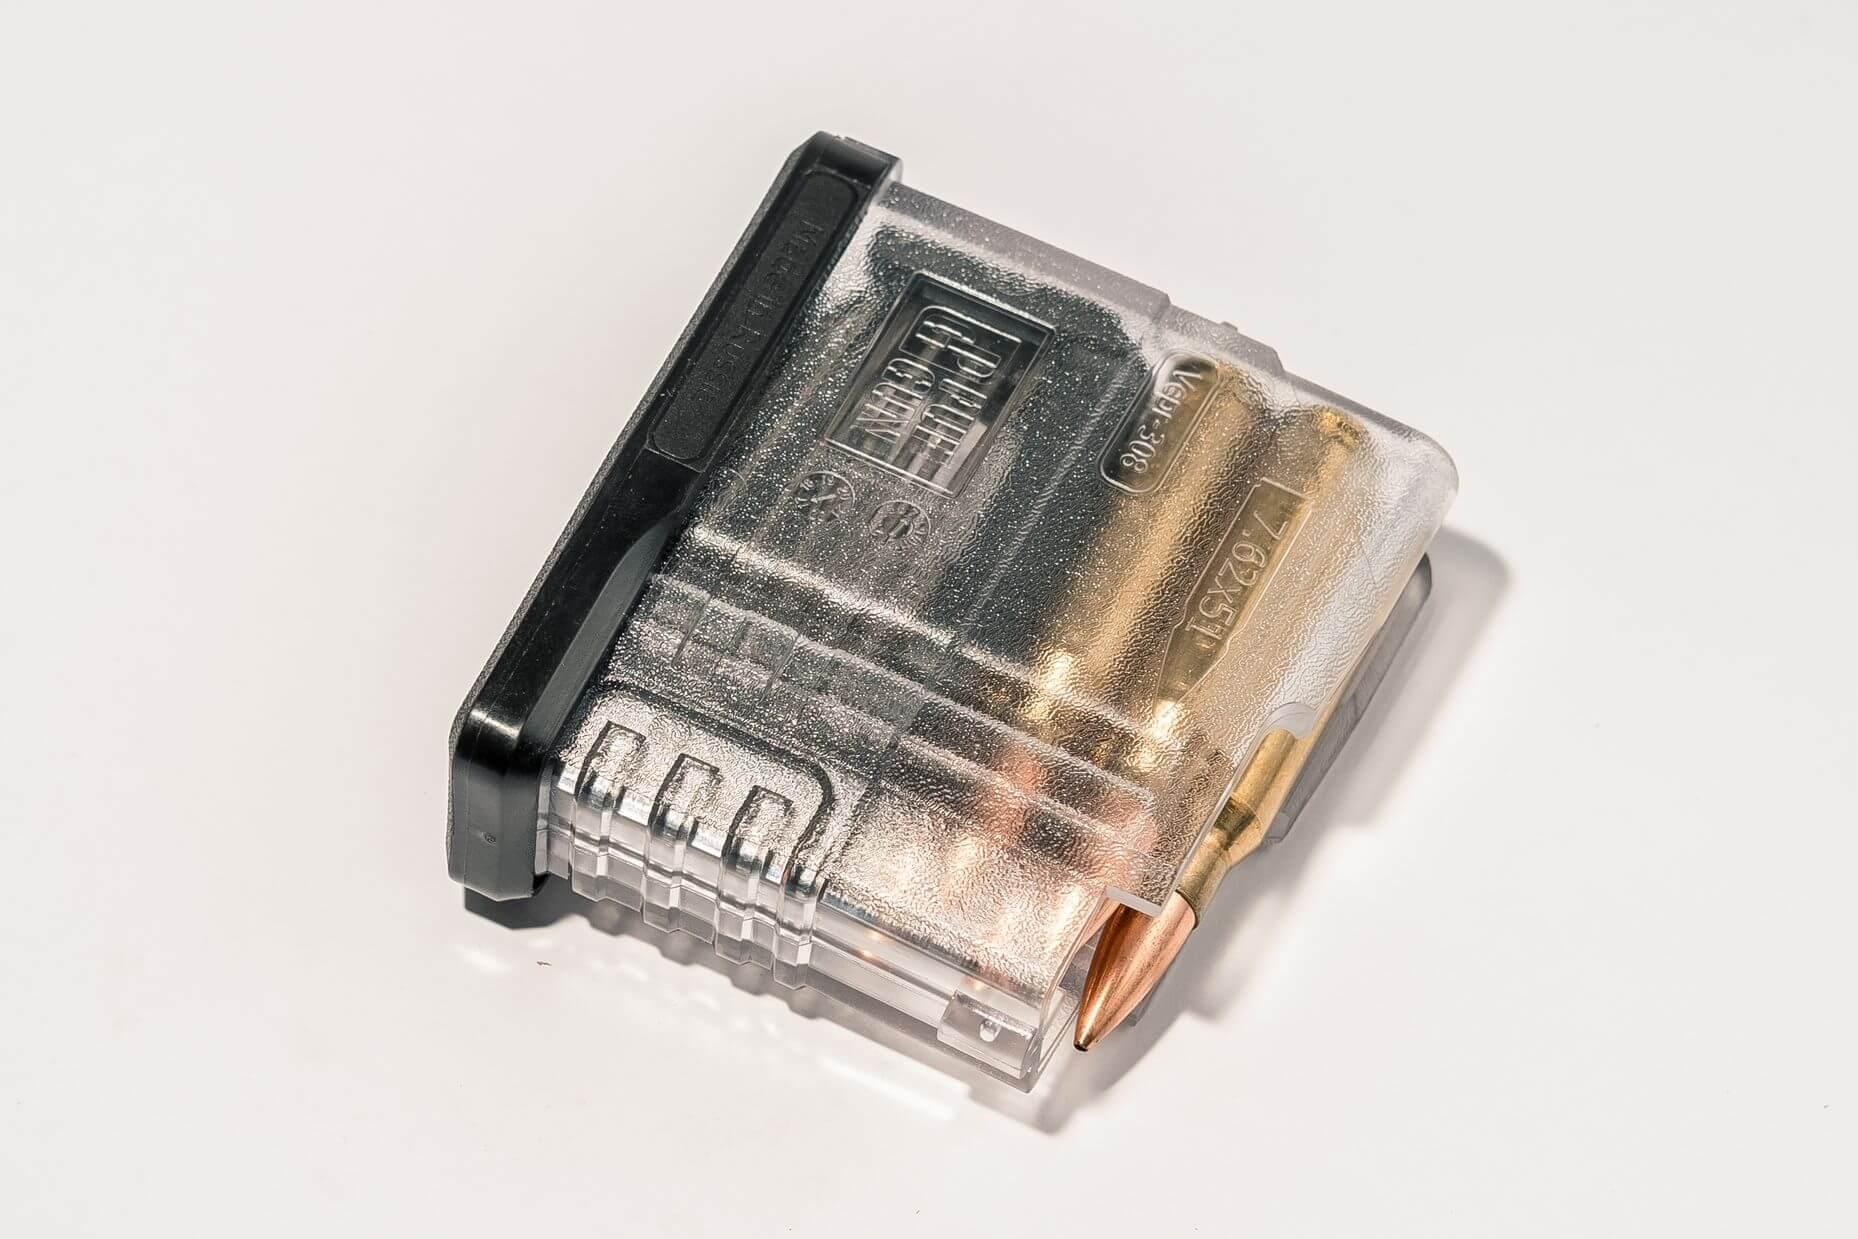 Магазин Pufgun Вепрь-308 на 5 патронов, прозрачный